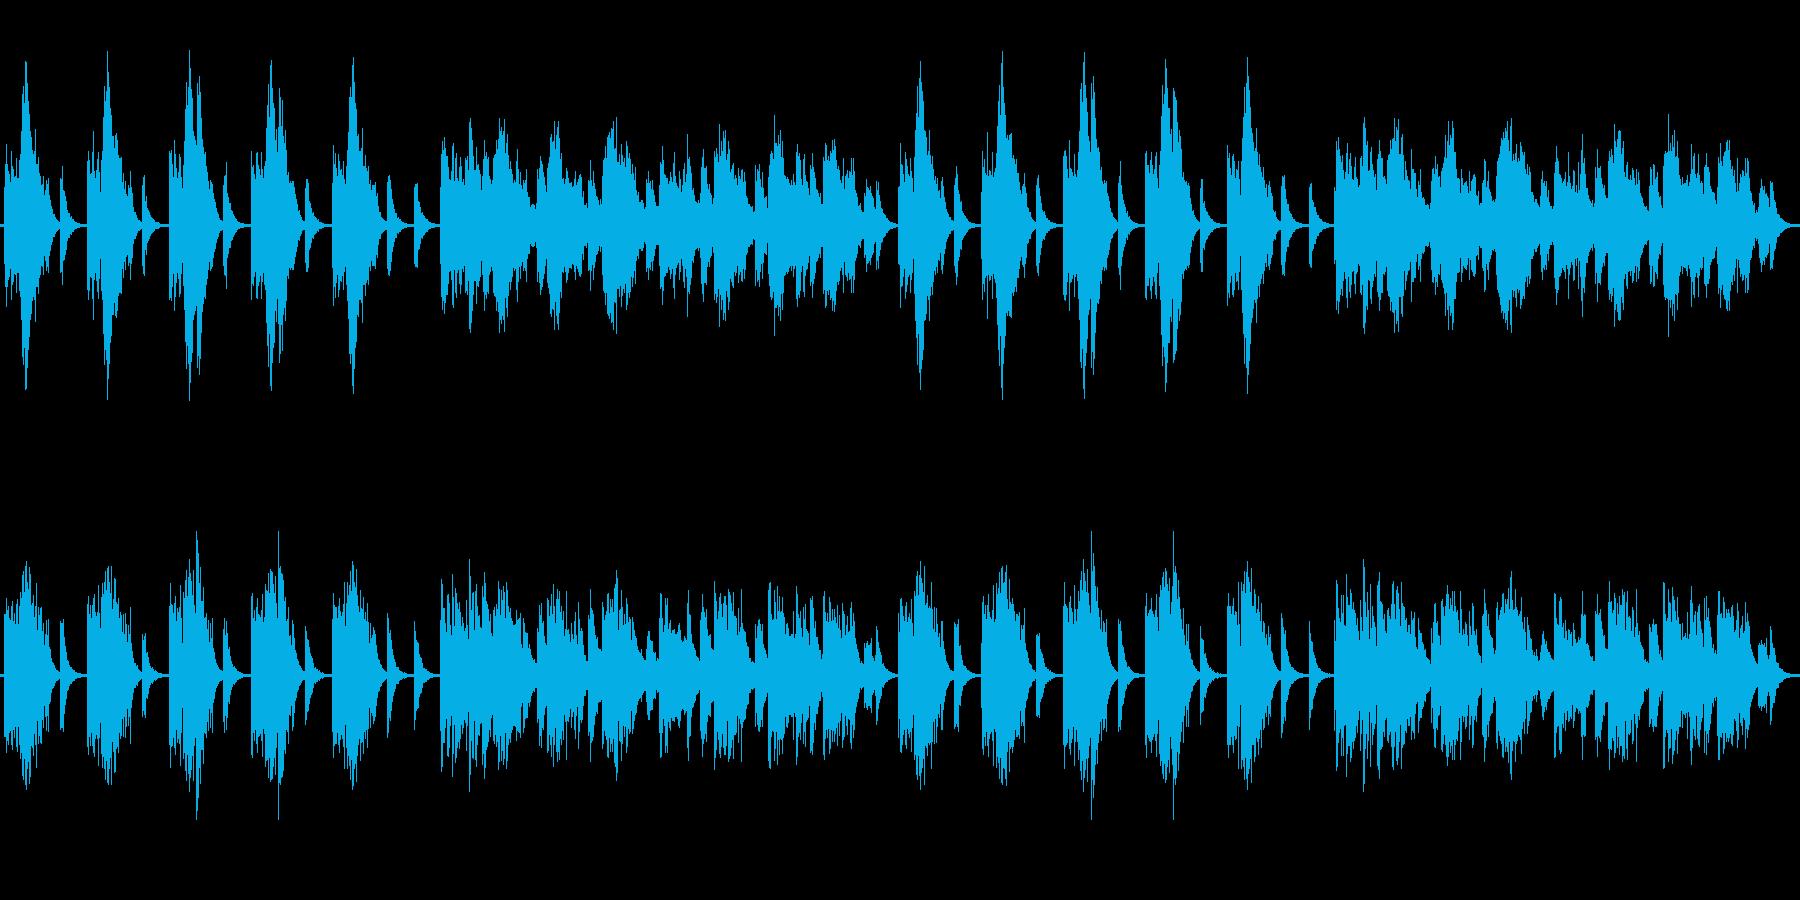 和風なヒーリングミュージックの再生済みの波形